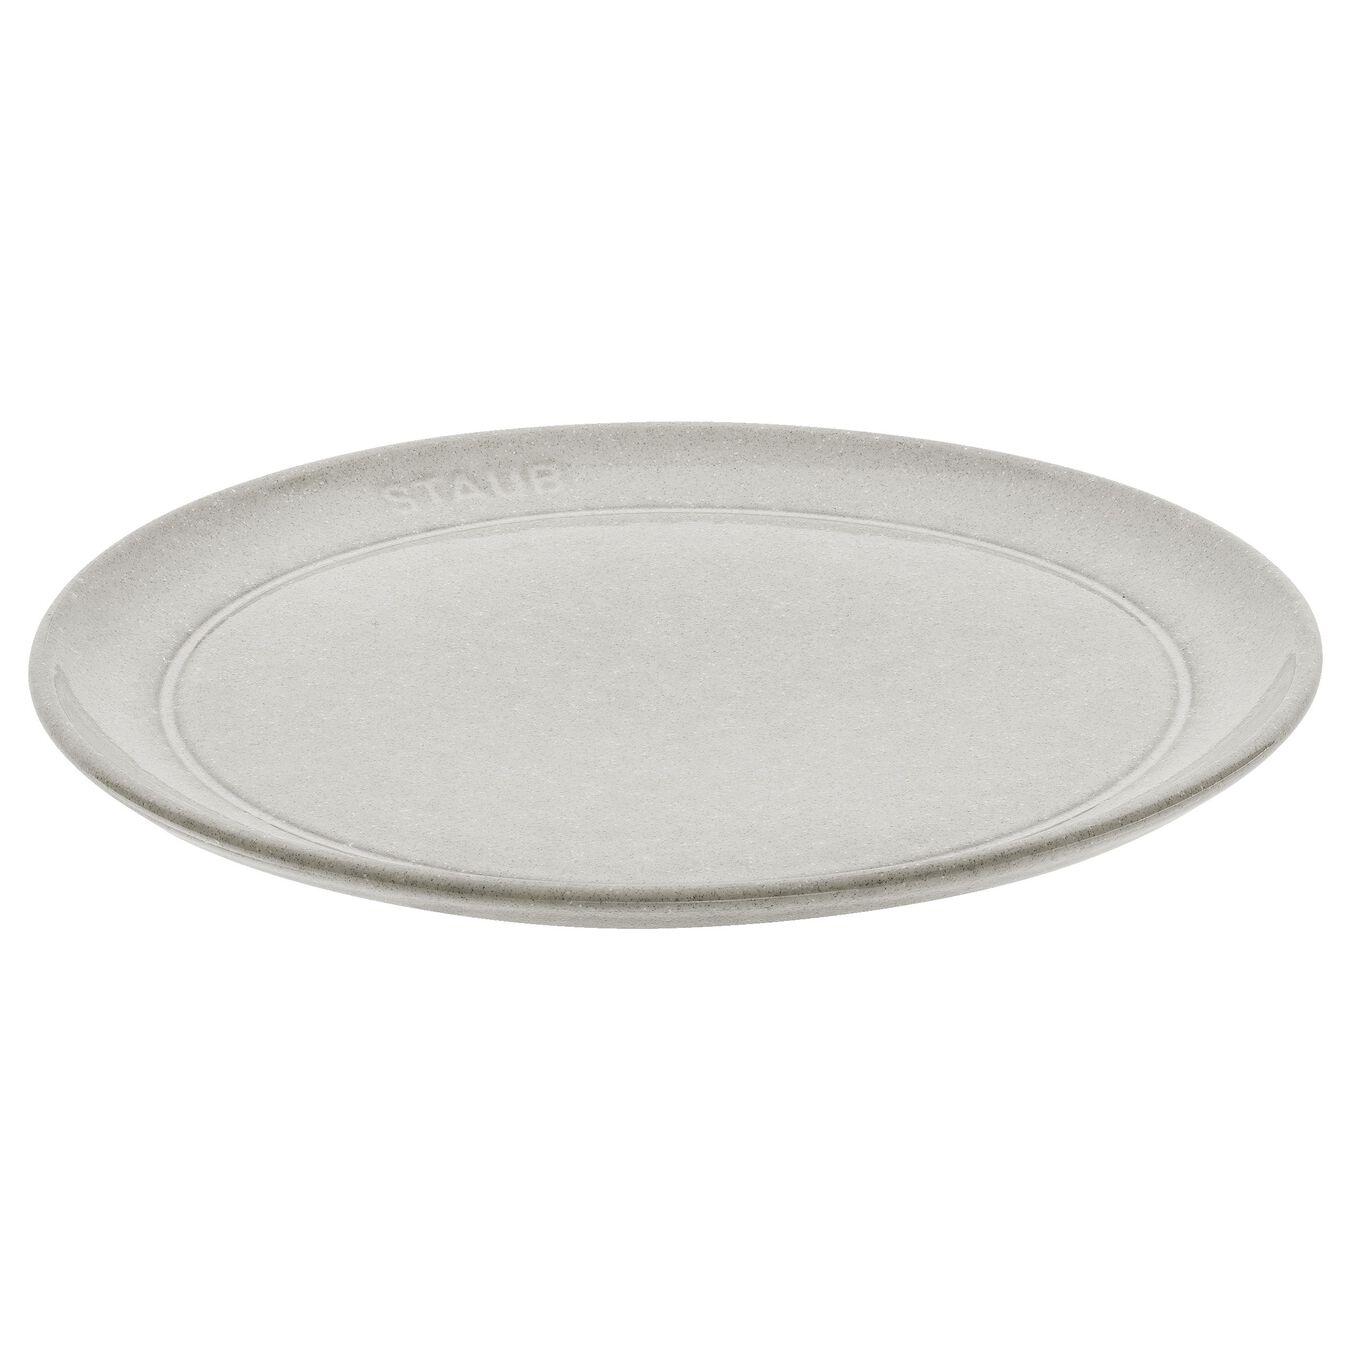 Assiette plat/plane 20 cm,,large 1